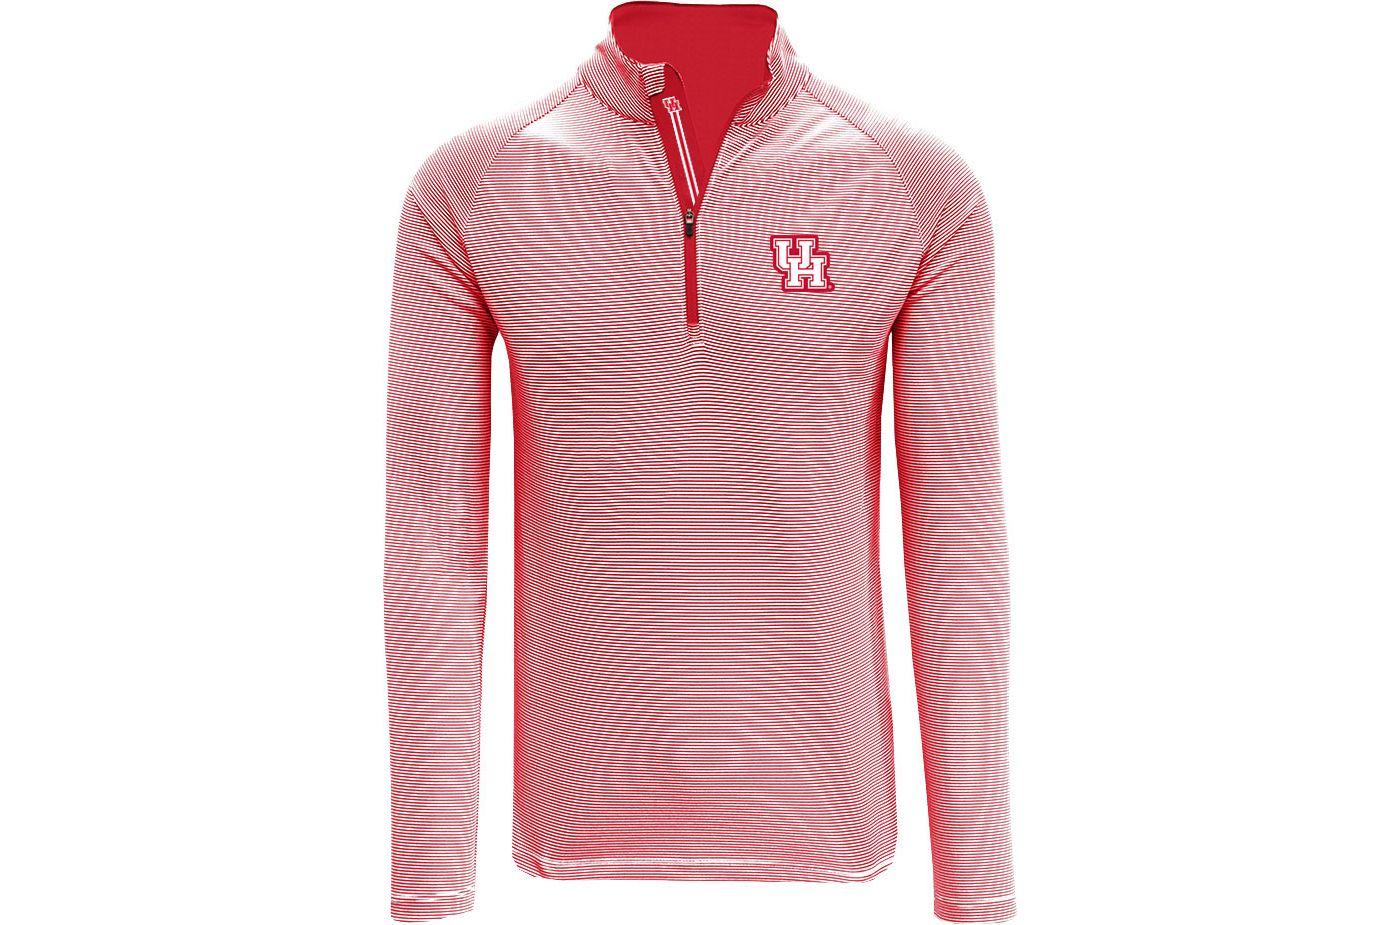 Levelwear Men's Houston Cougars Red Orion Quarter-Zip Shirt